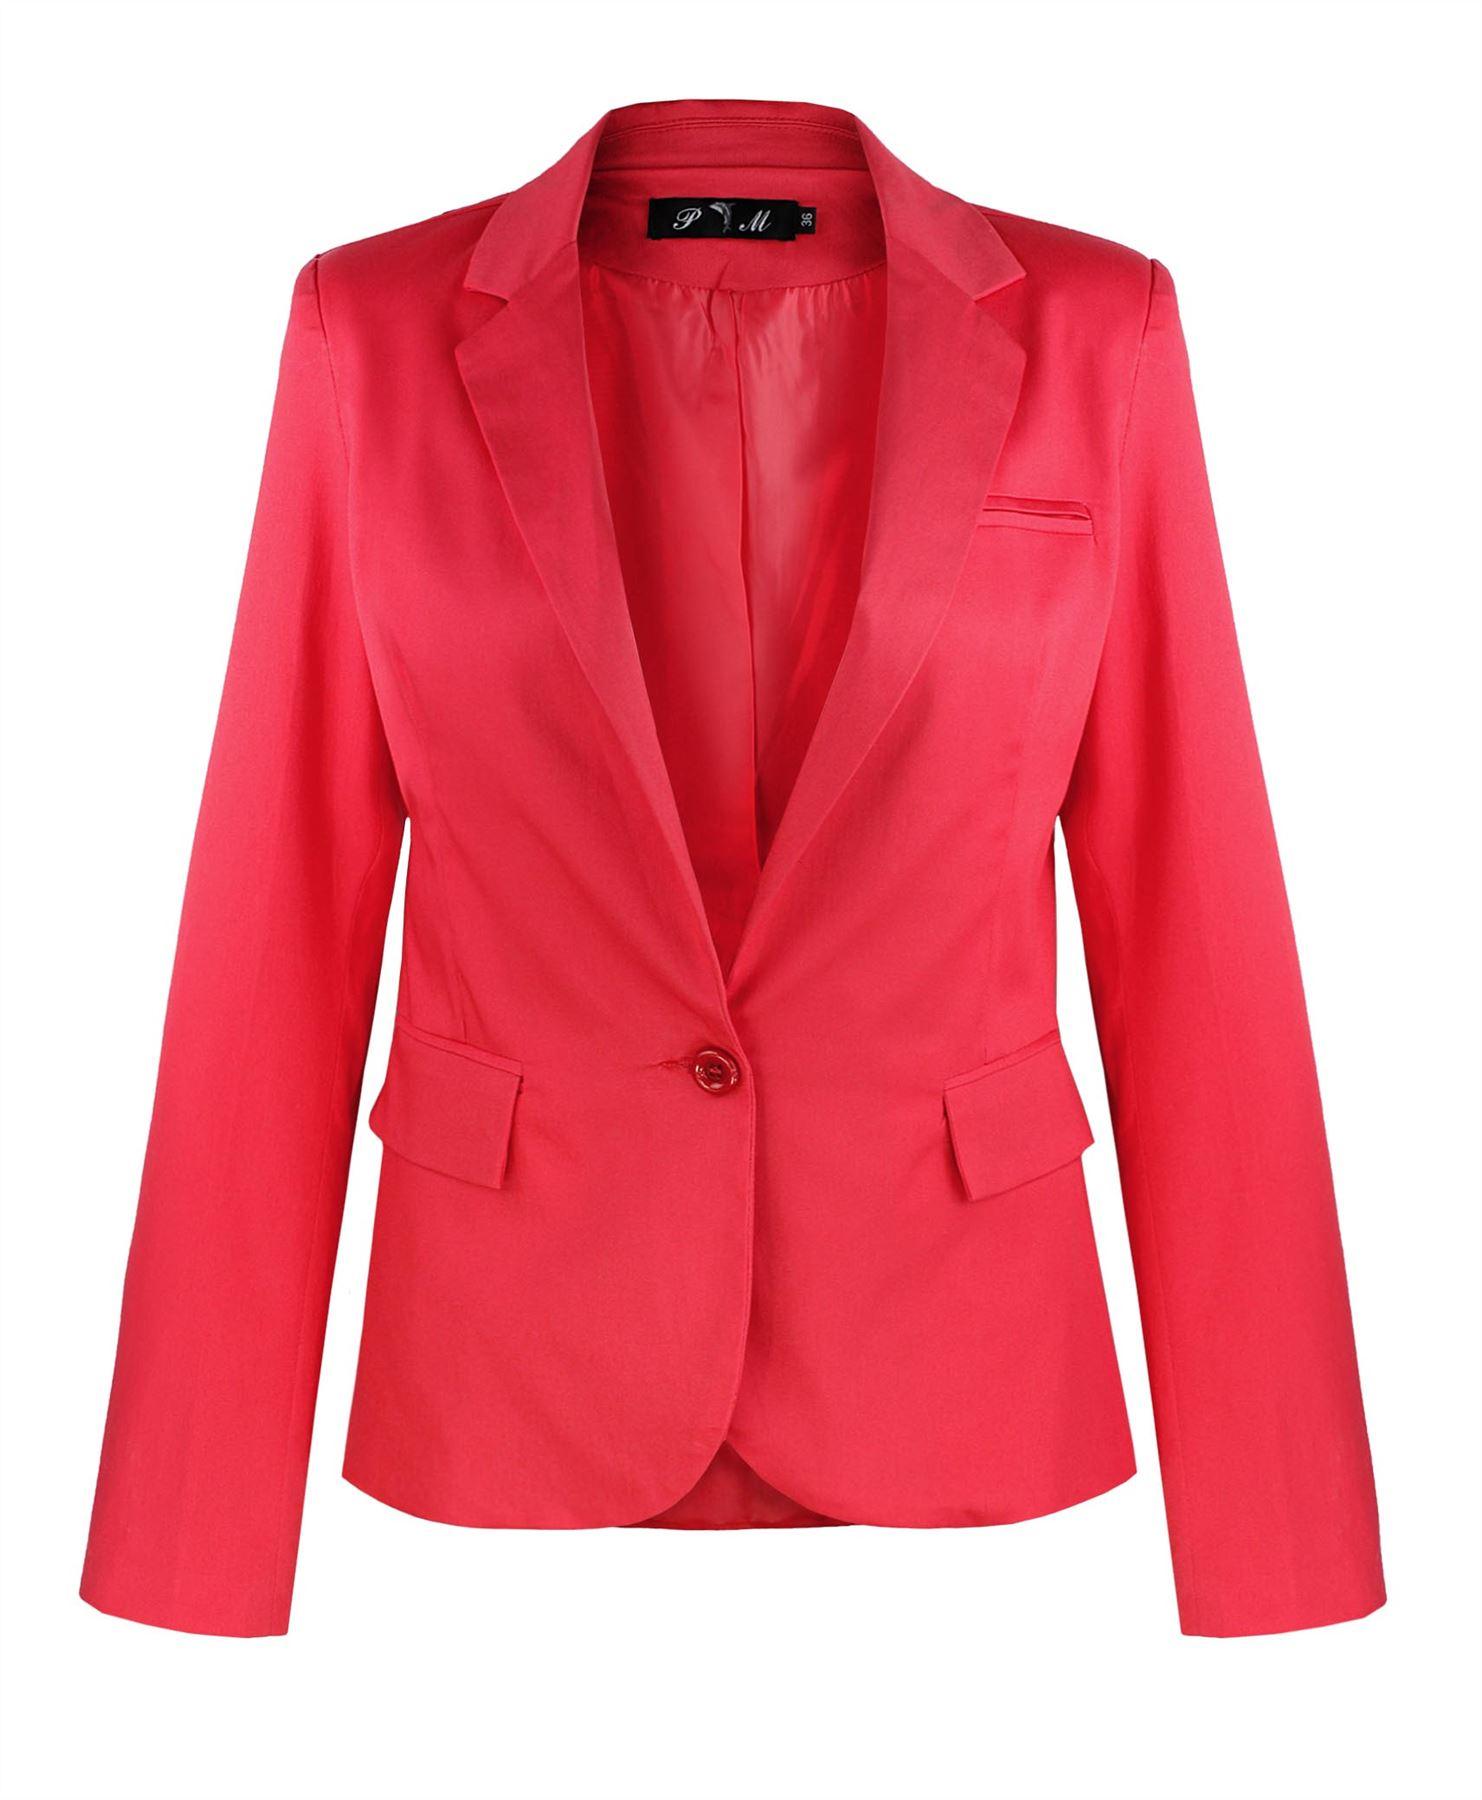 Womens Suit Jackets  Ladies Designer Suit Jackets  Next UK